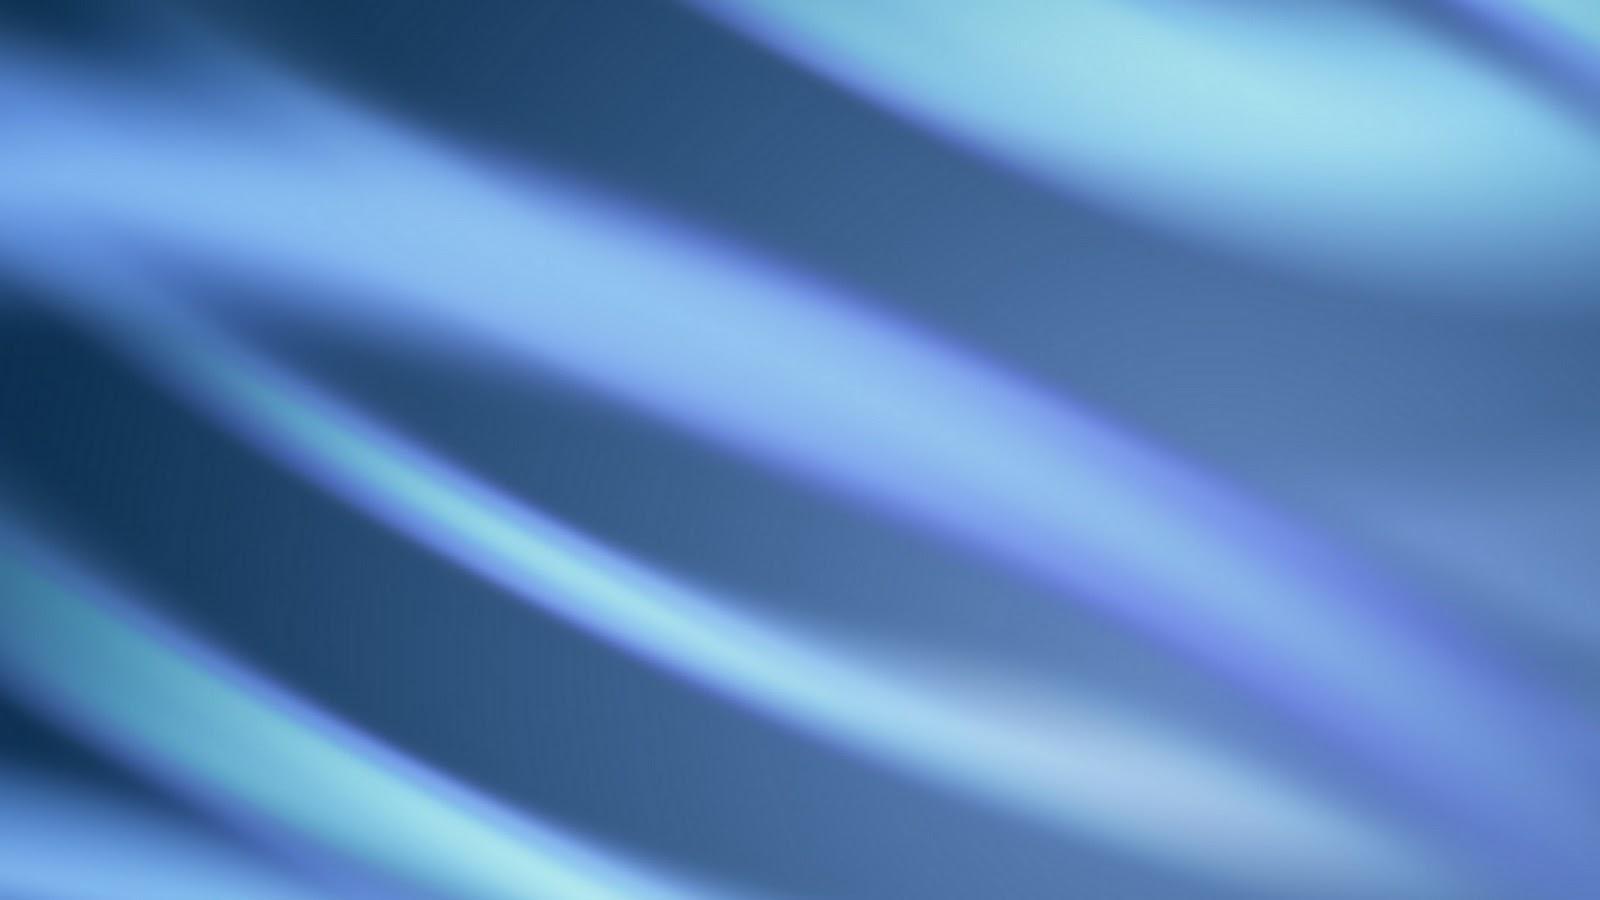 http://3.bp.blogspot.com/-SawfWsxO3aA/Tor2i4kQzGI/AAAAAAAANcE/-CPuQvapFJk/s1600/Mooie-kleurrijke-achtergronden-wallpapers-hd-kleurrijke-wallpapers-afbeelding-plaatje-11.jpg